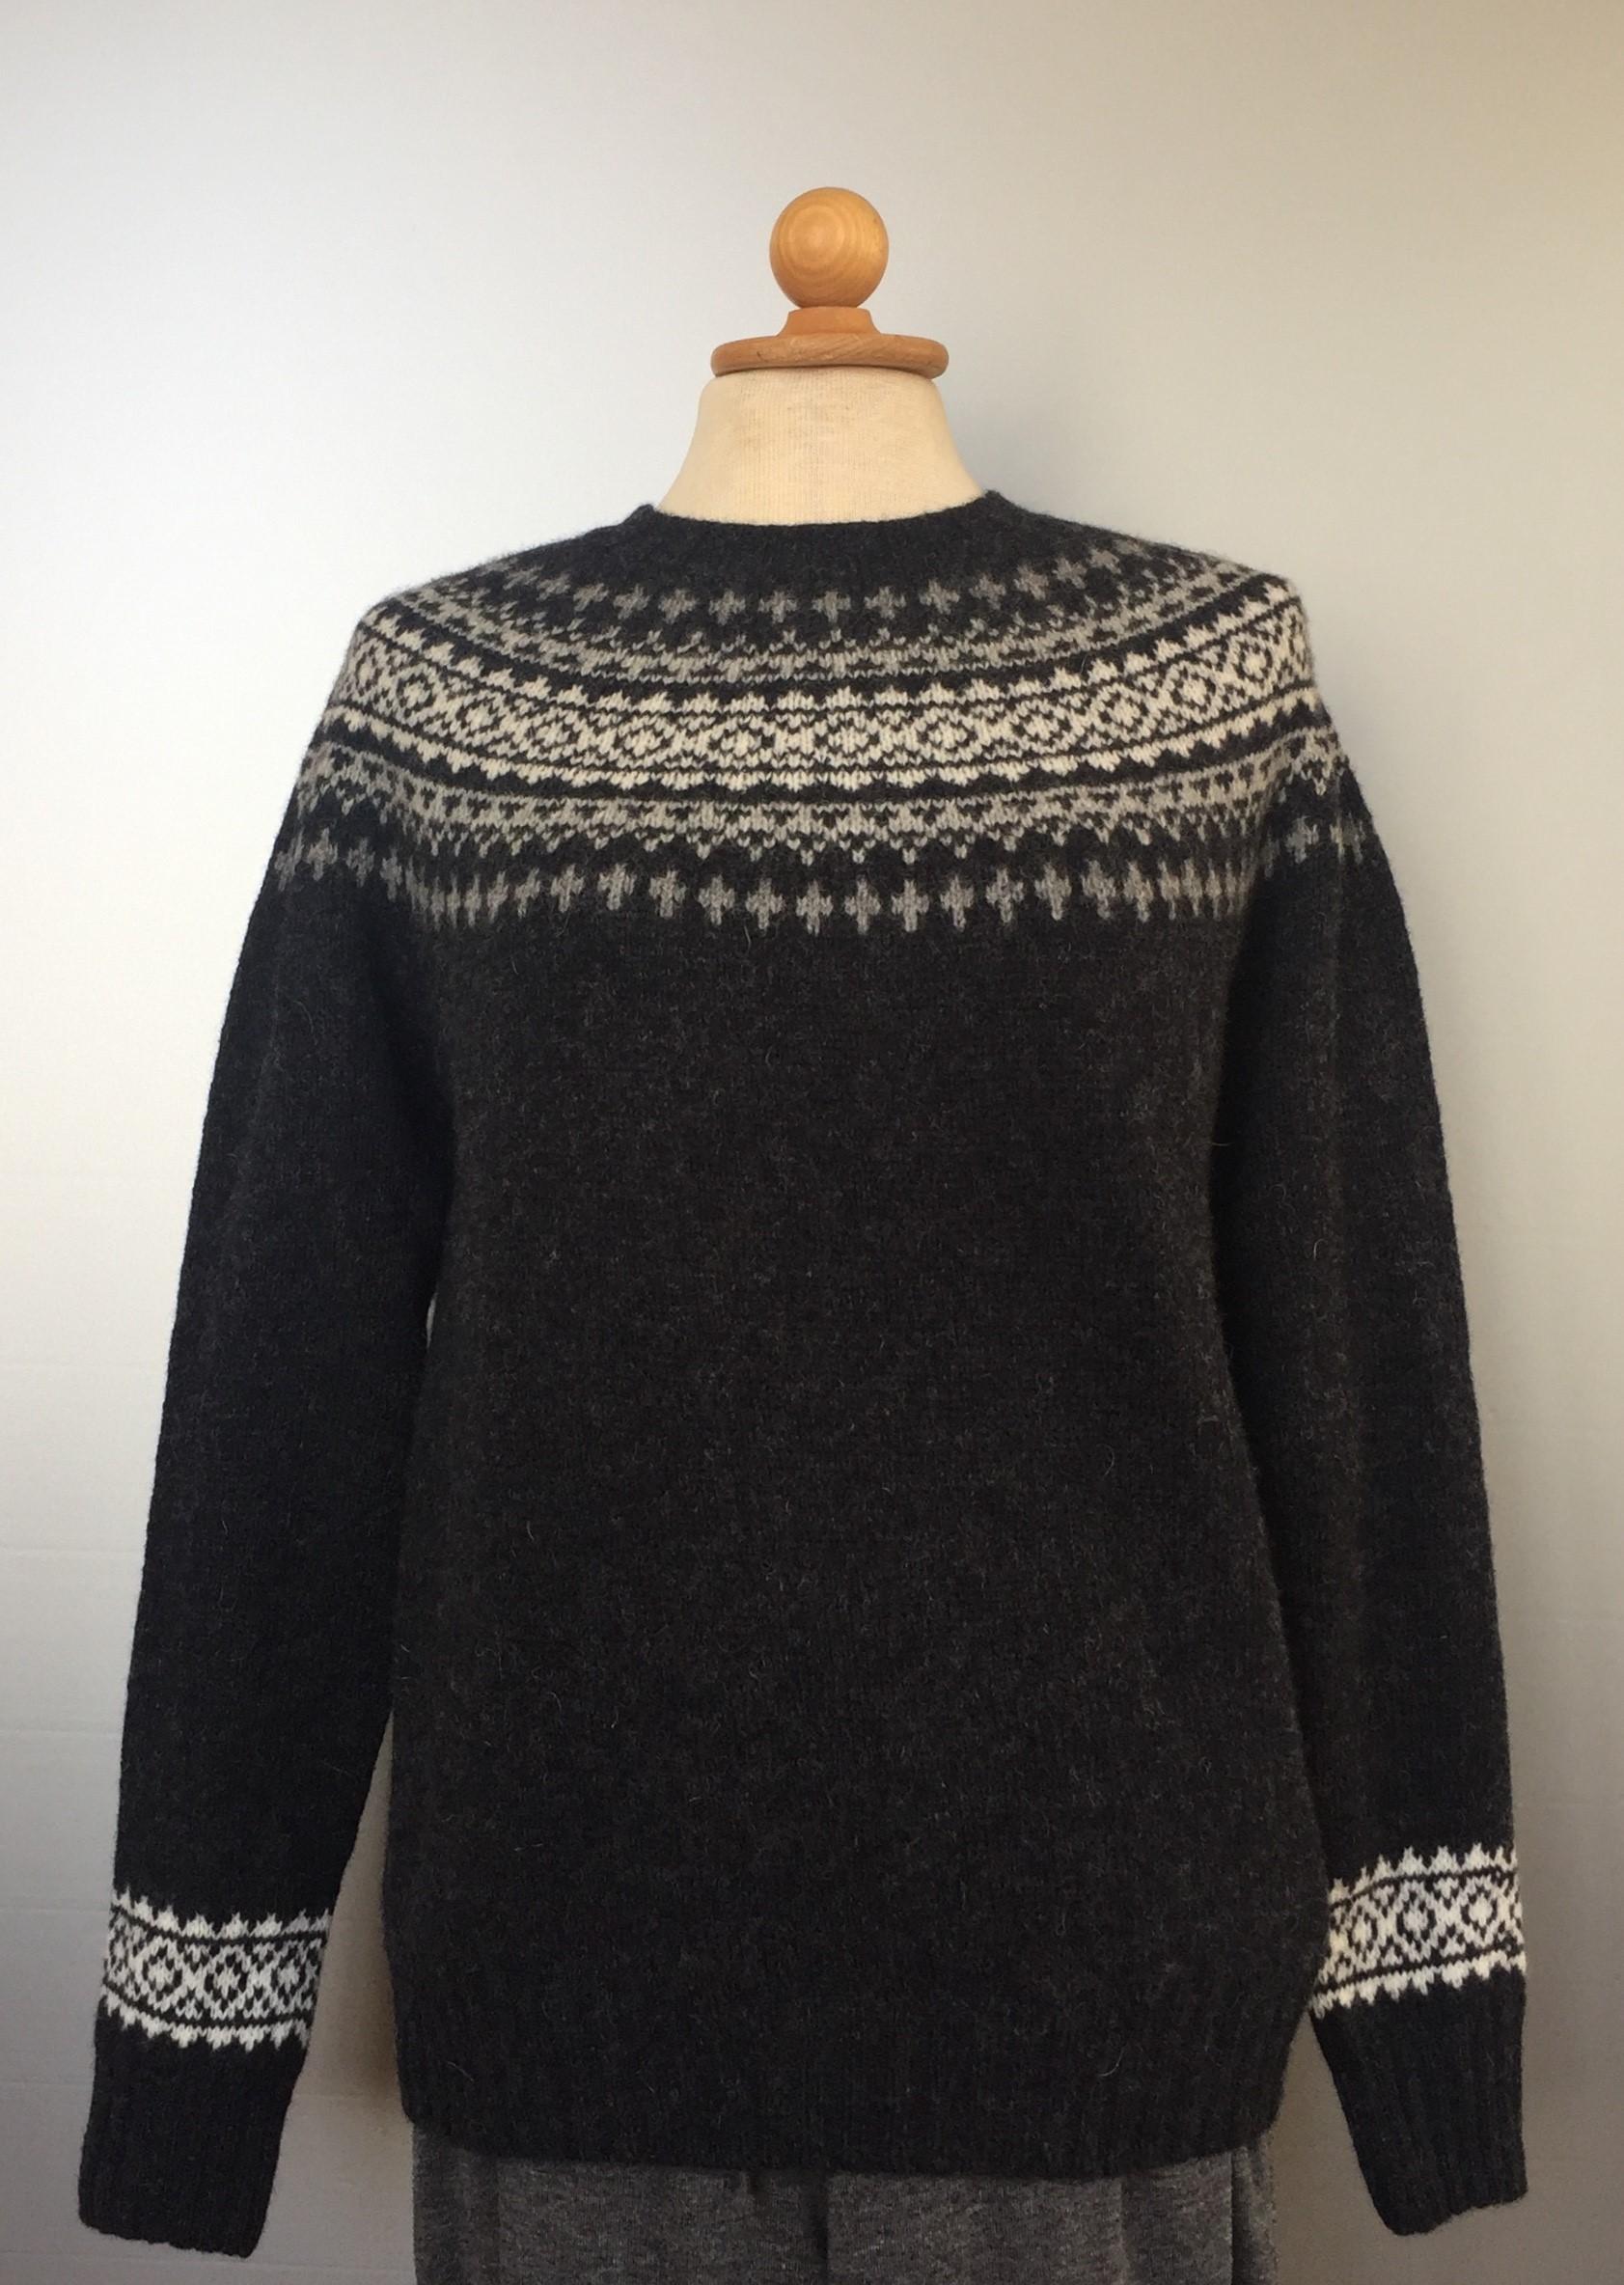 Harley of Scotland - Færø Pullover Sort/grå, biti, vadehavet, ribe, marsken, uld, uldtrøje, uldsweater, uldstrik, ren uld, fåreuld, lambswool, hipster, moderne, mode, pigesweater, pigestrik, strik til piger, damestrik, sommer, sweater, pullover, striktrøje,